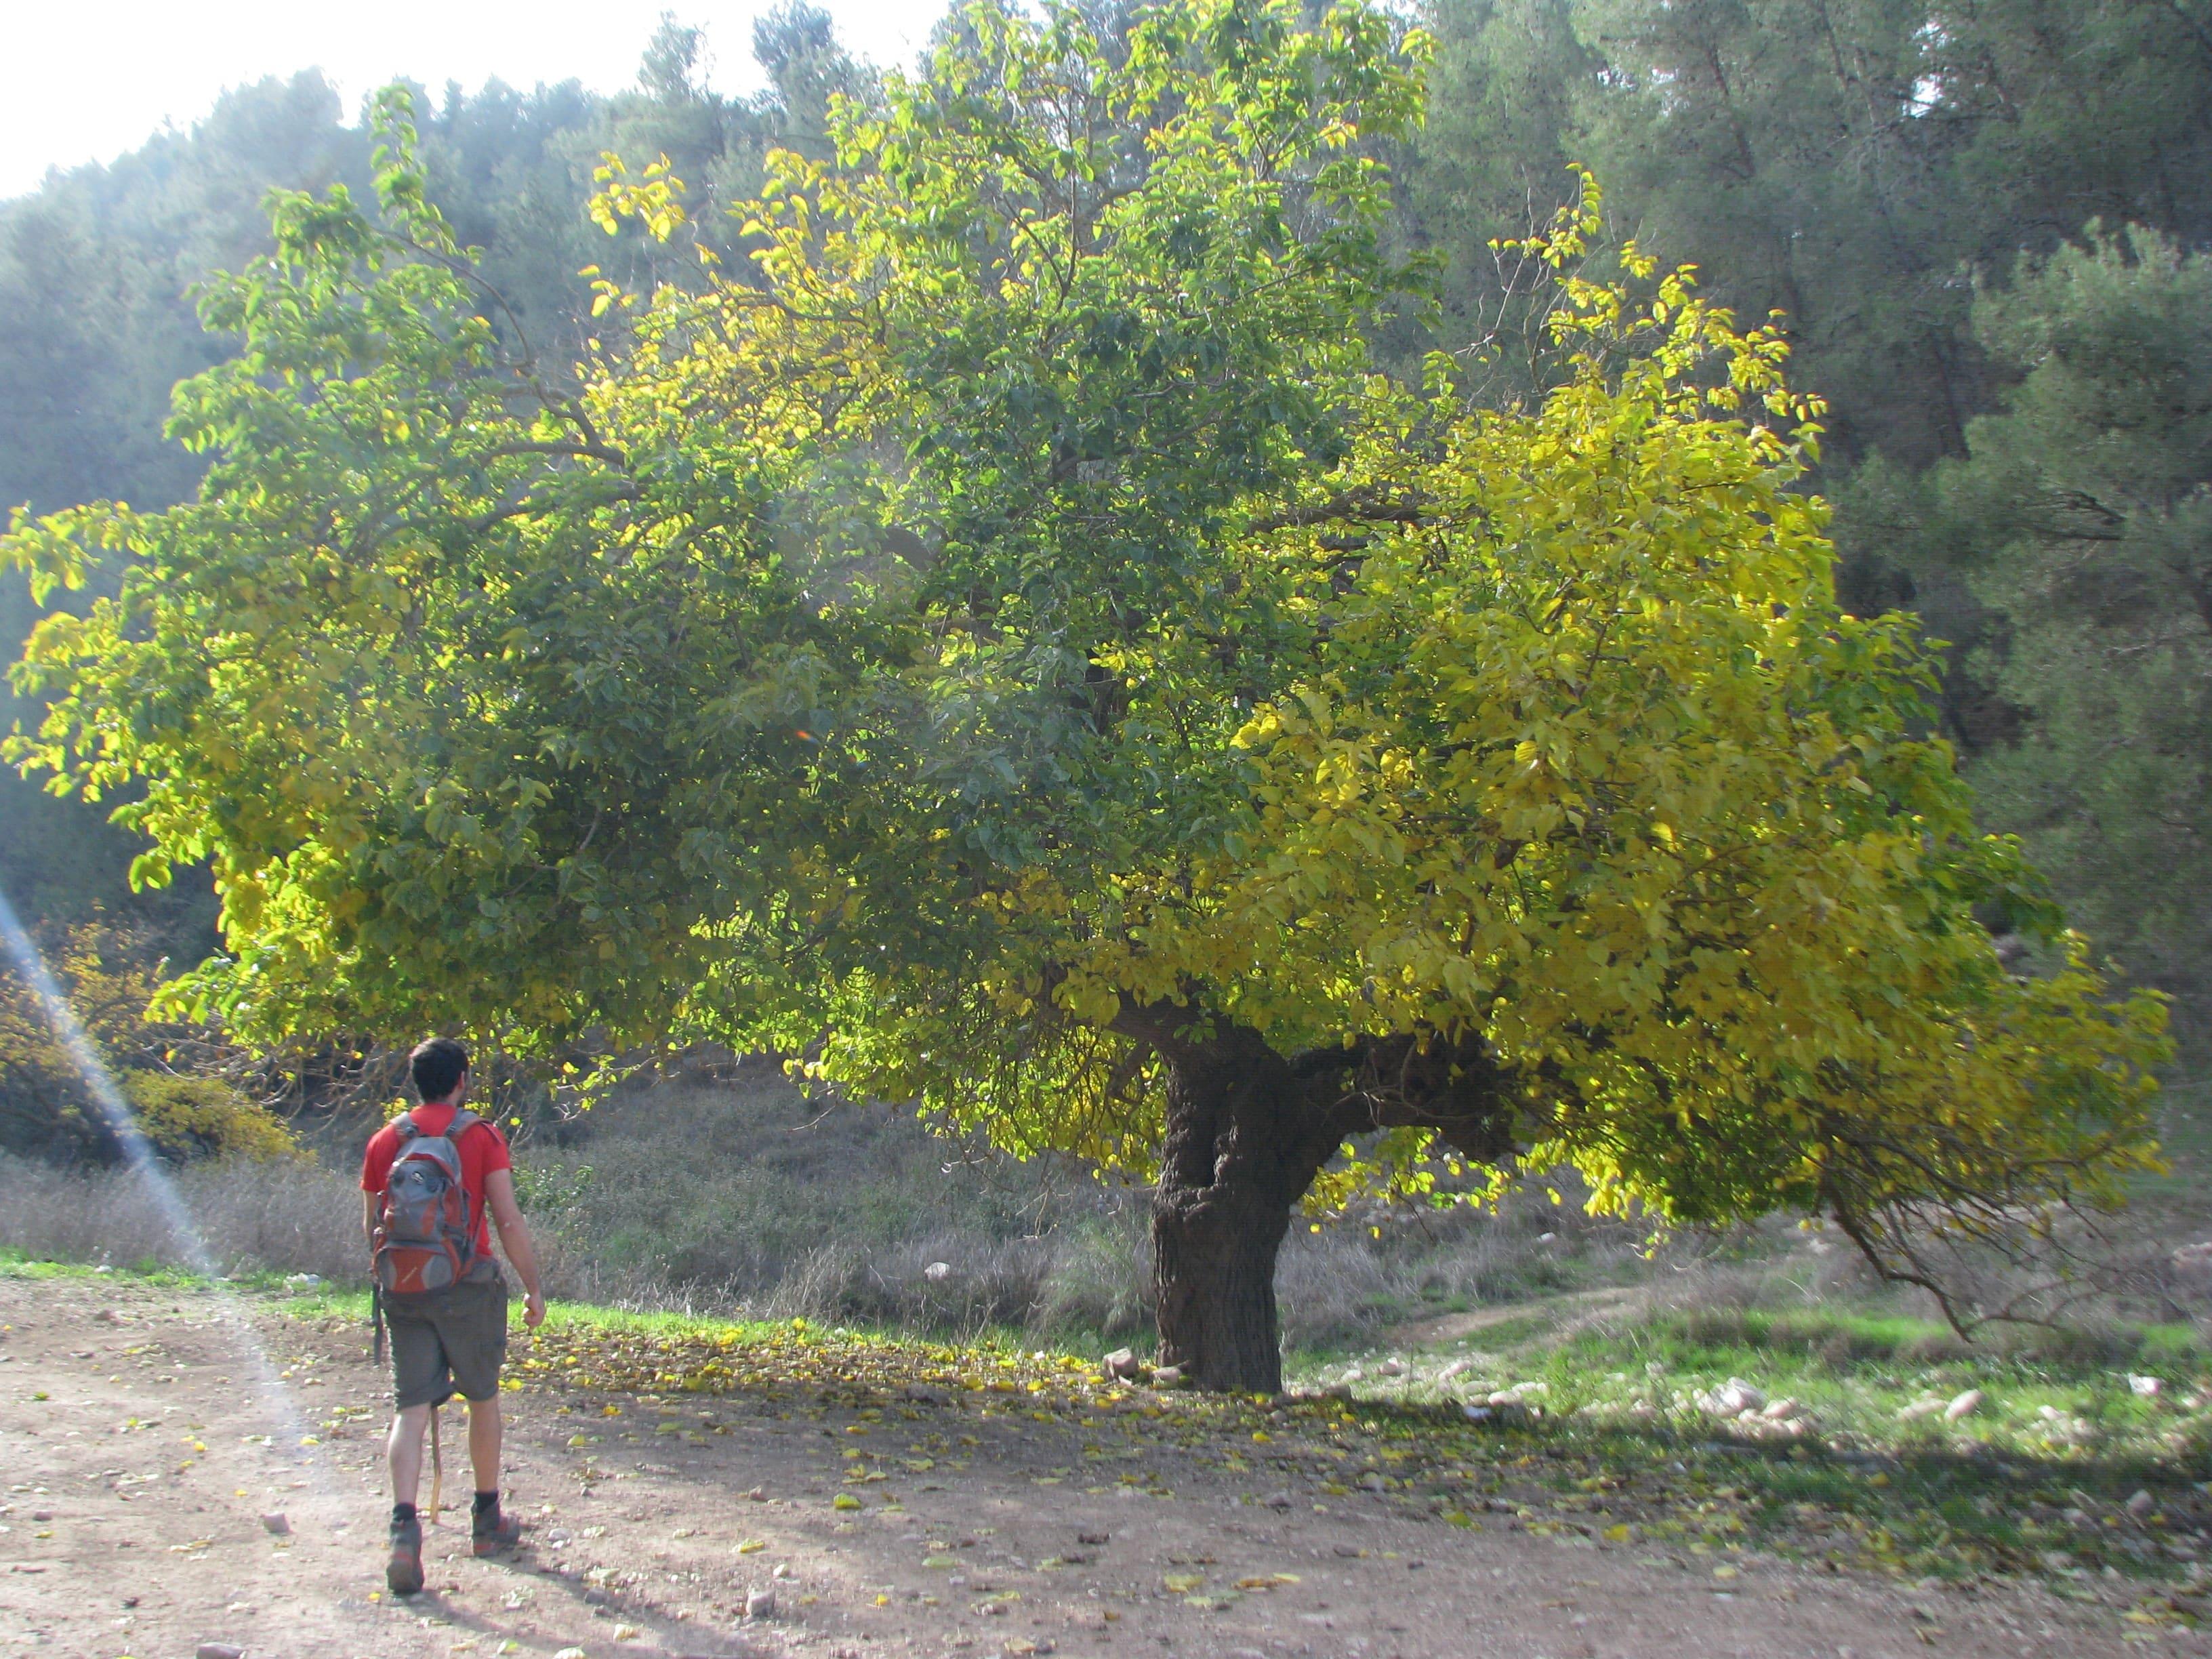 עץ תות מרשים בנחל דישון